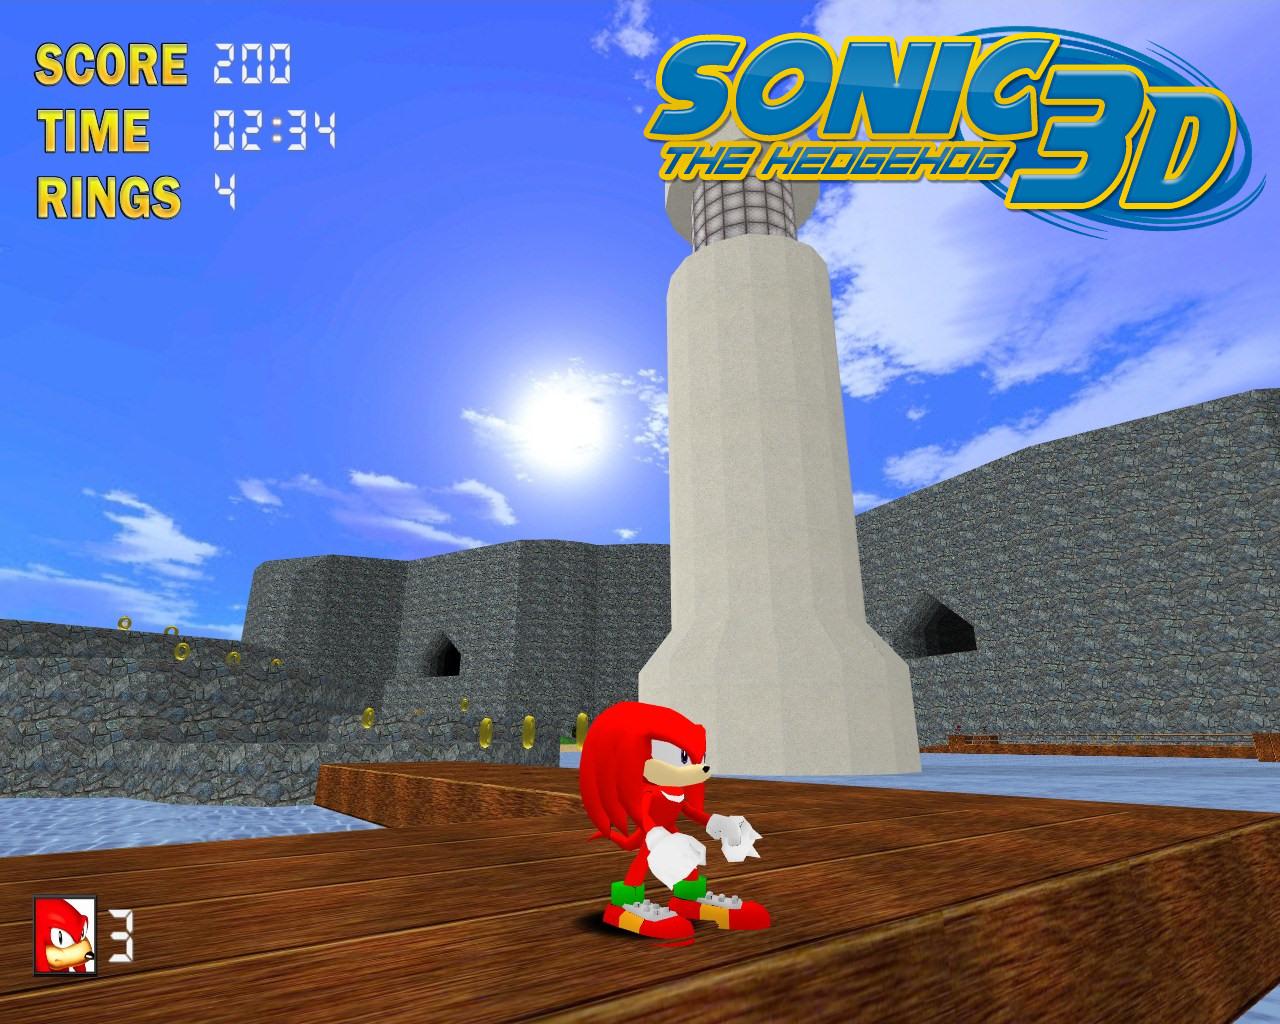 juego sonic 3d gratis: